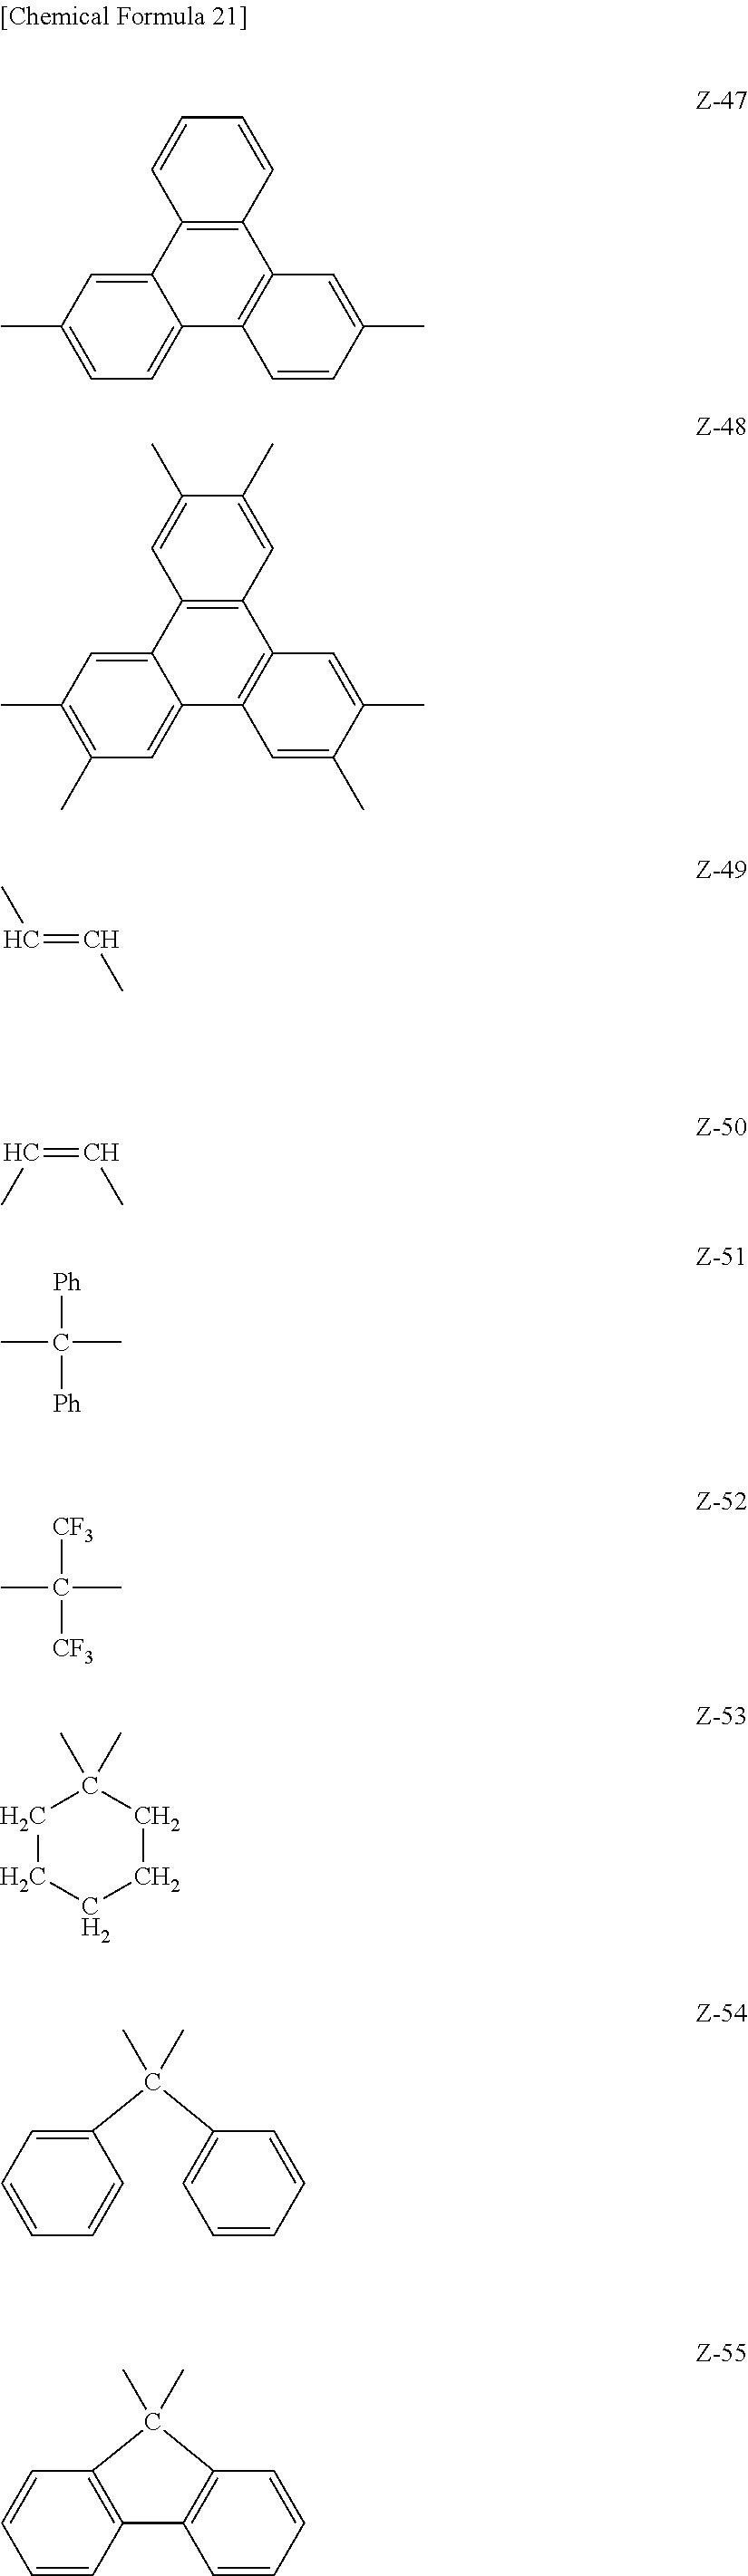 Figure US20110215312A1-20110908-C00037